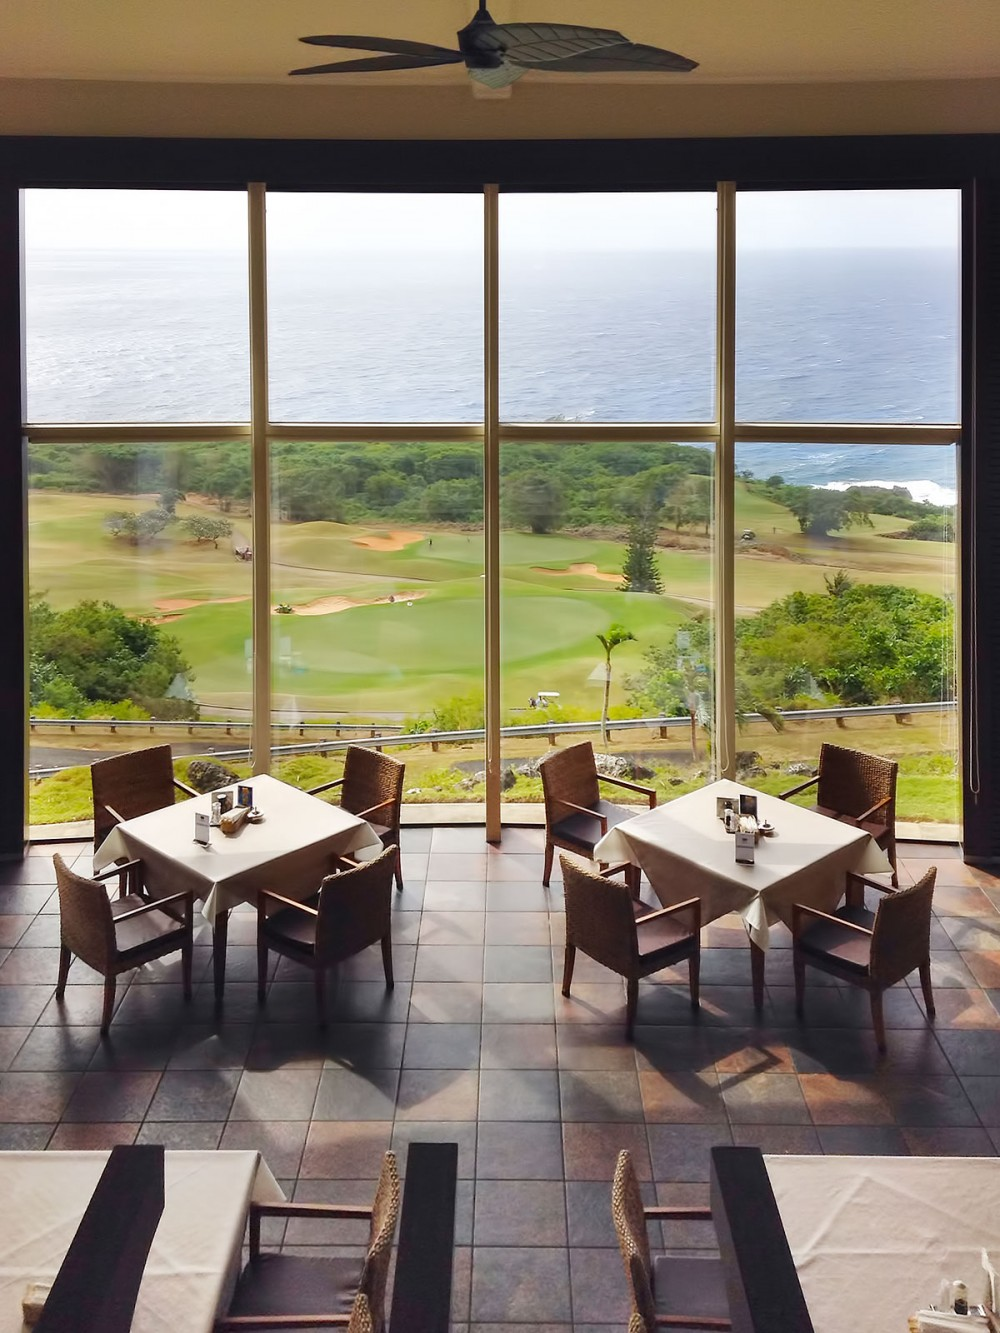 オンワードマンギラオゴルフクラブのレストラン